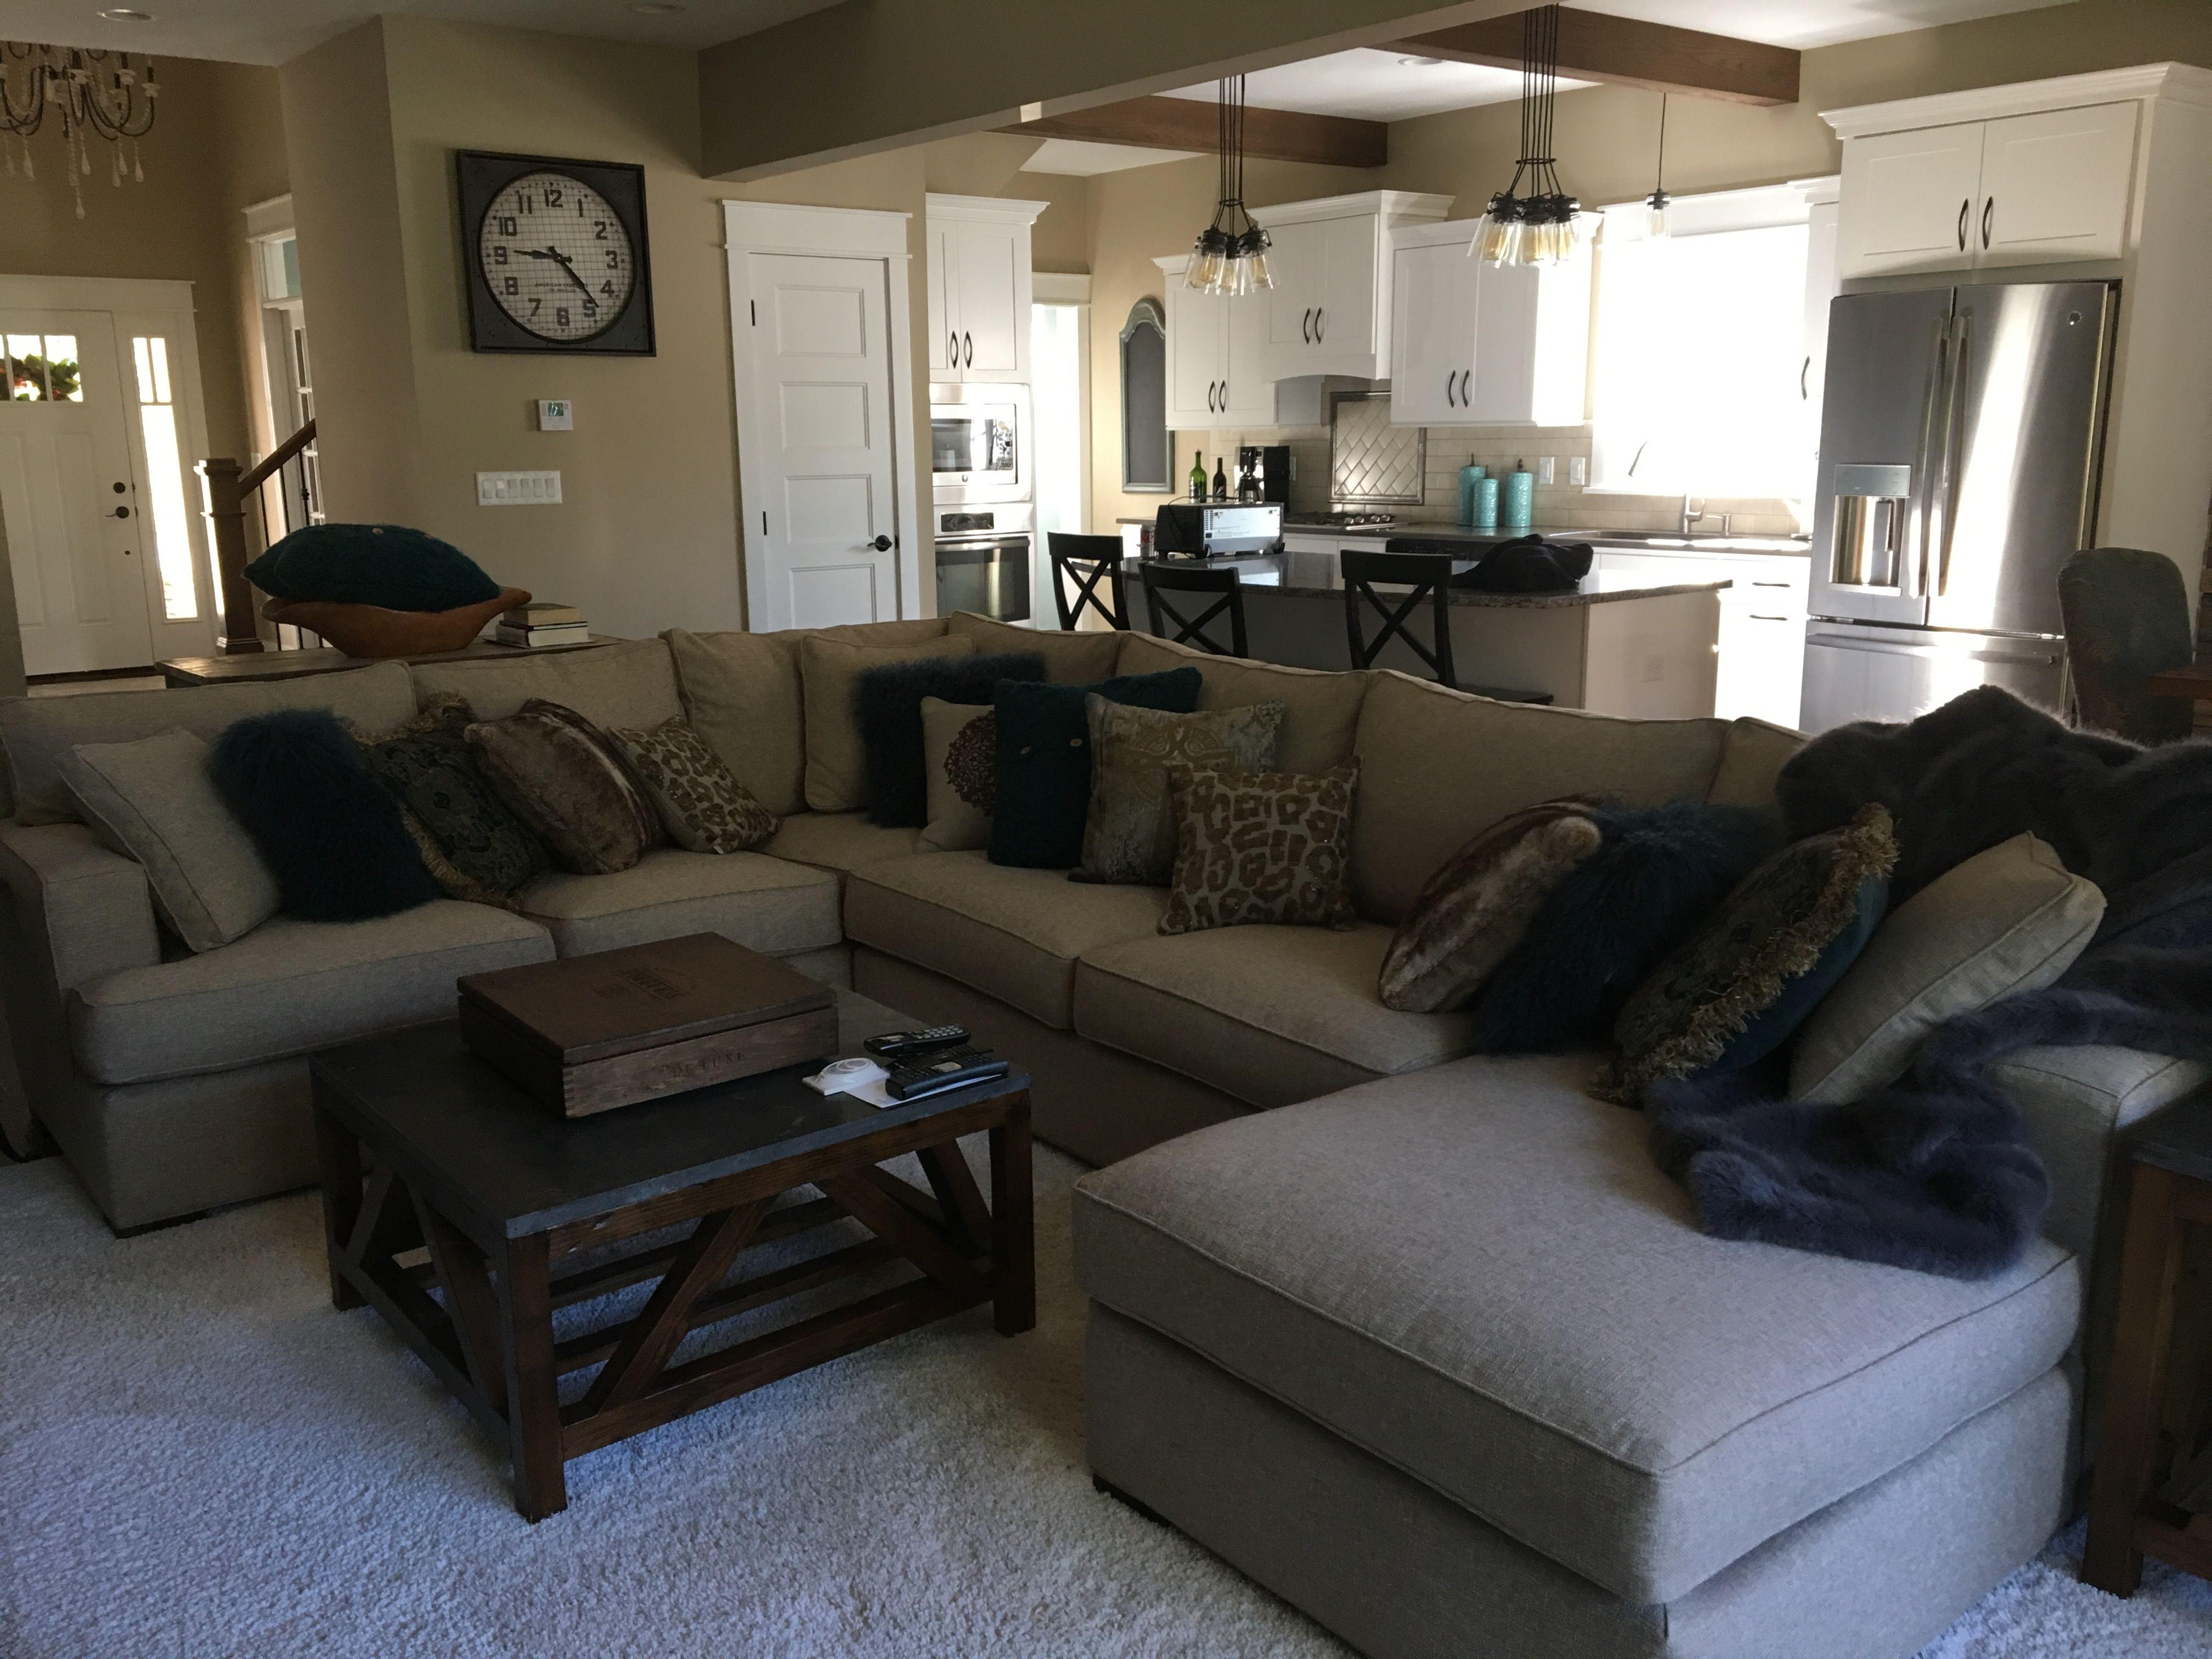 dune sofa arhaus in living rooms favorite alert black bookcase